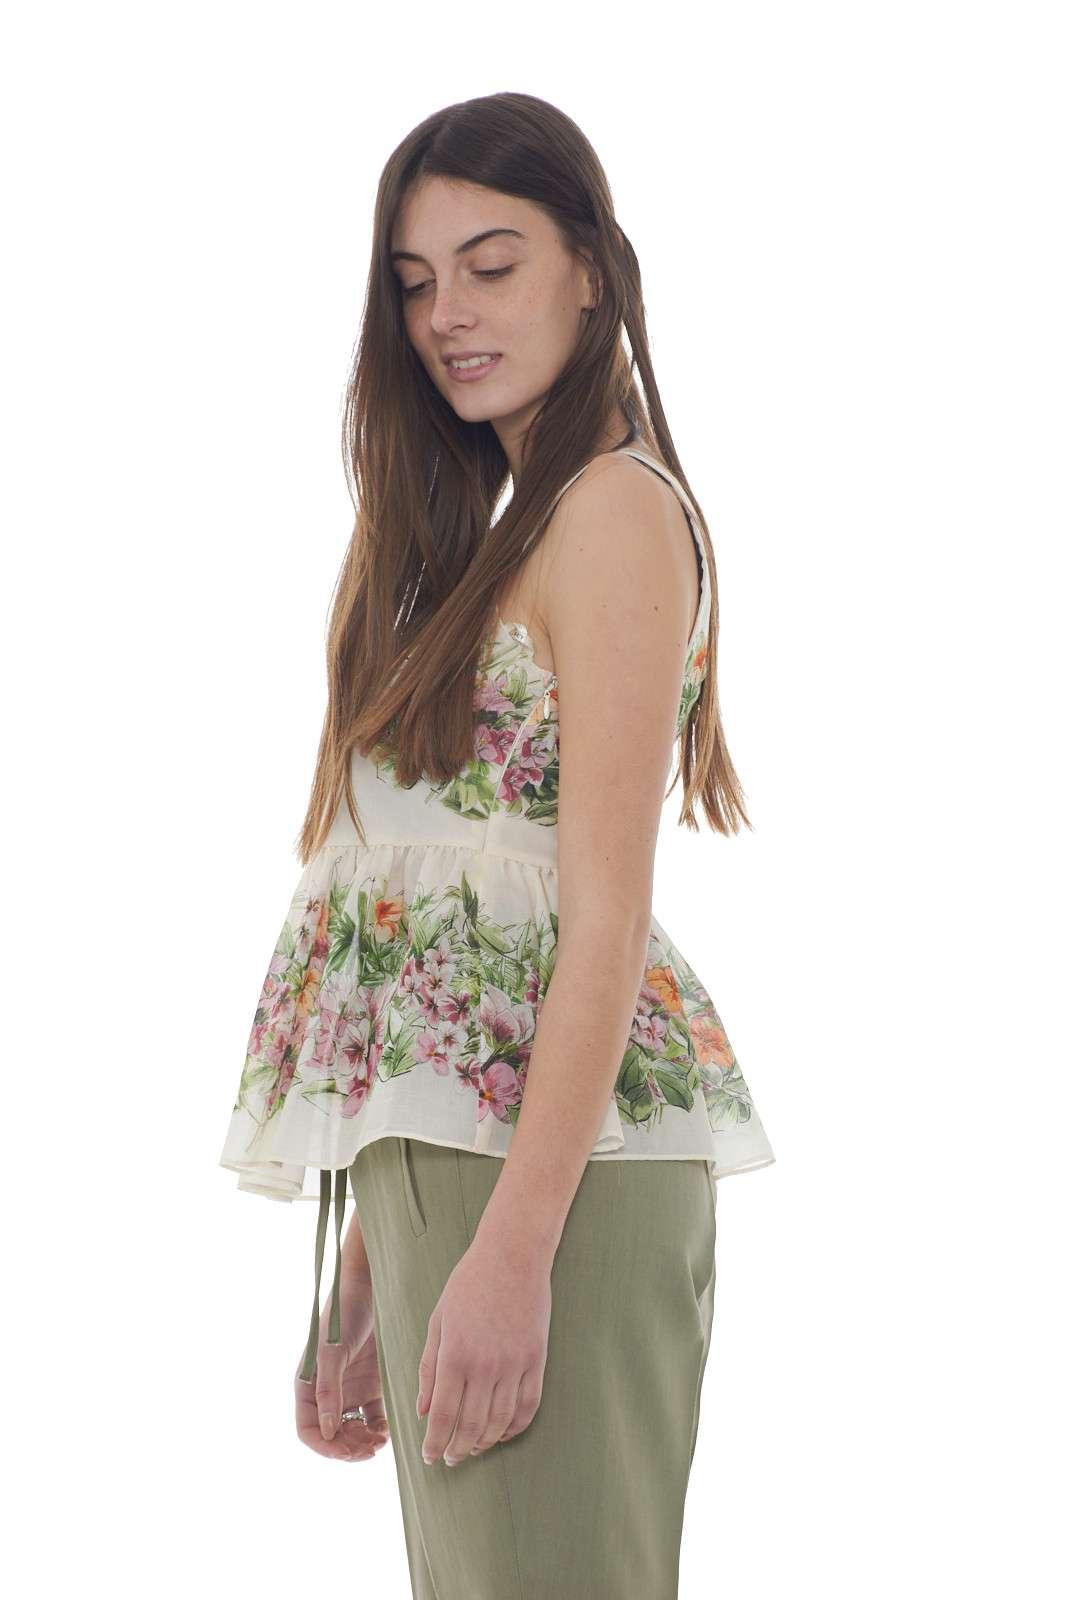 https://www.parmax.com/media/catalog/product/a/i/PE-outlet_parmax-top-donna-TwinSet-201TT2480-B.jpg